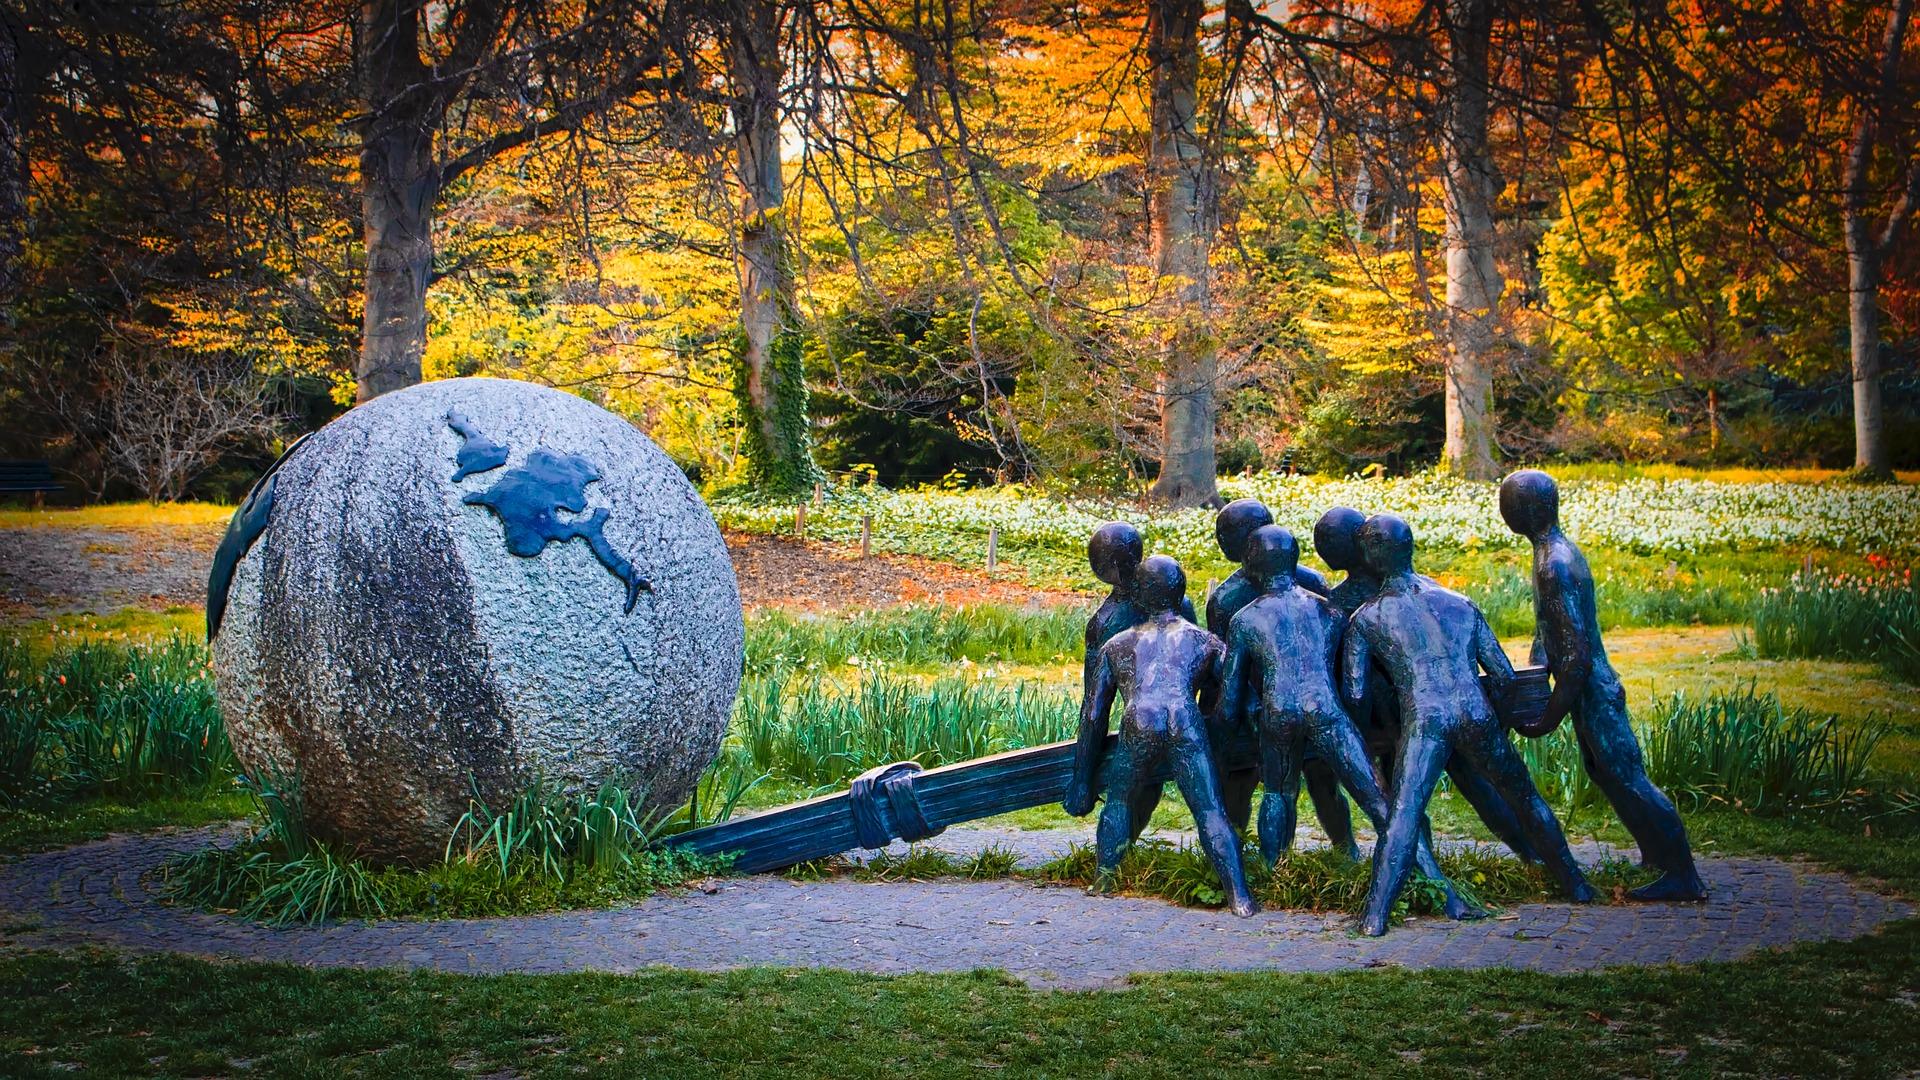 Foto de um ambiente arborizado e gramado, onde há uma escultura. A escultura representa um globo terrestre e sete pessoas somando forças para movê-lo utilizando uma alavanca.